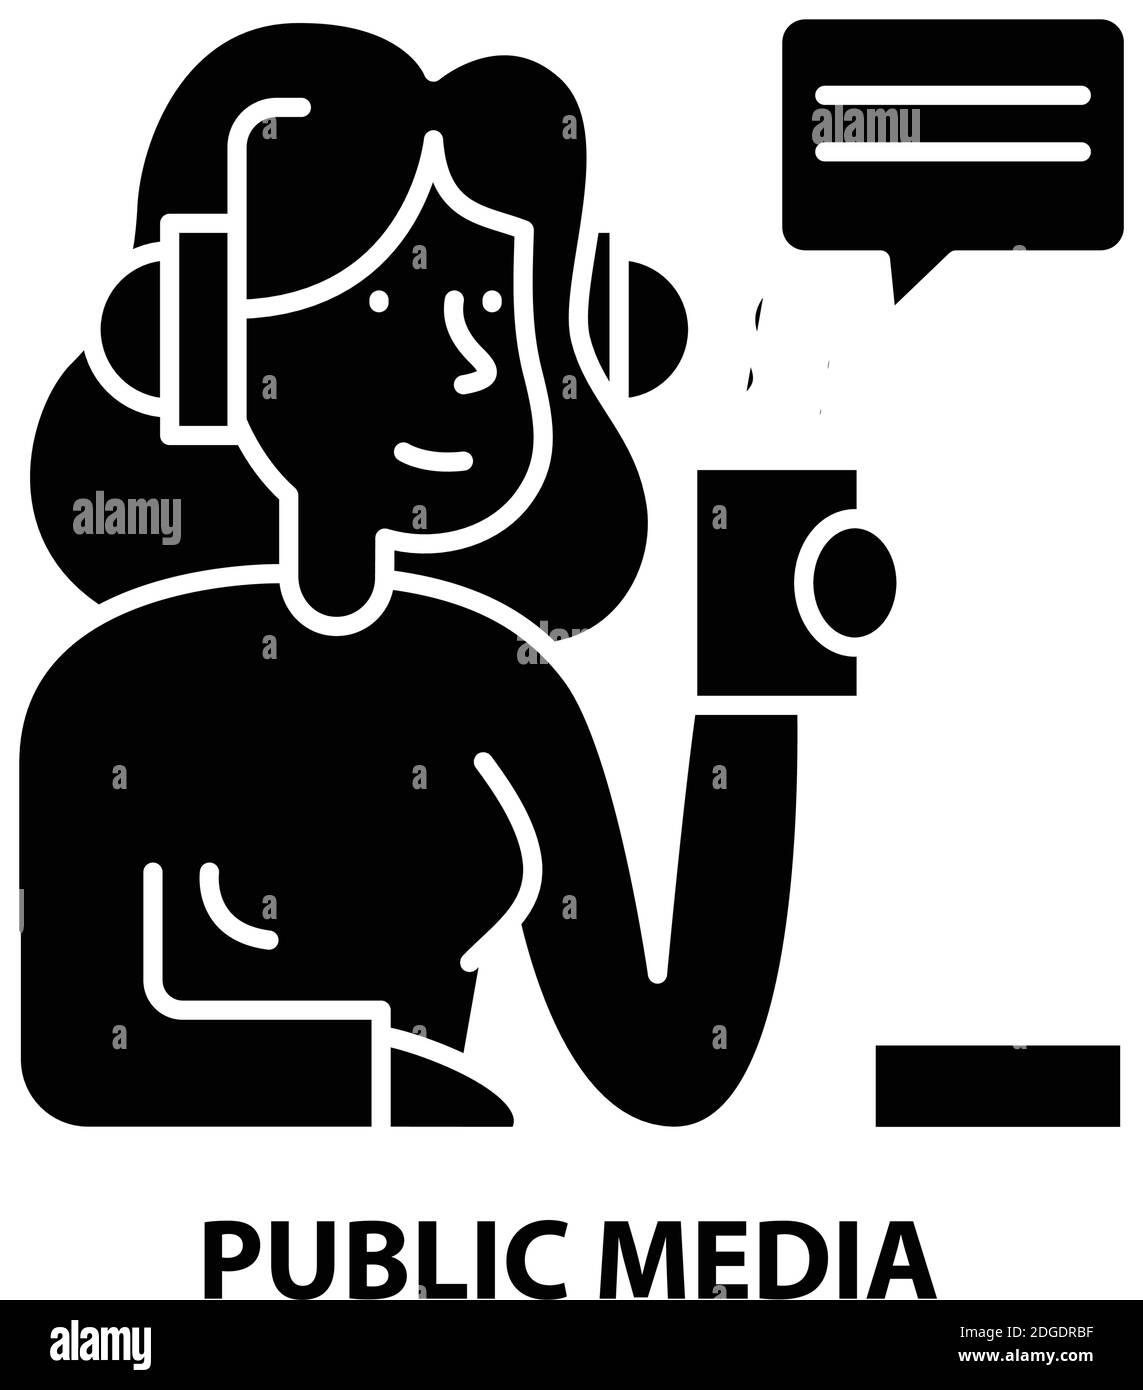 icono de medios públicos, signo de vector negro con trazos editables, ilustración de concepto Ilustración del Vector